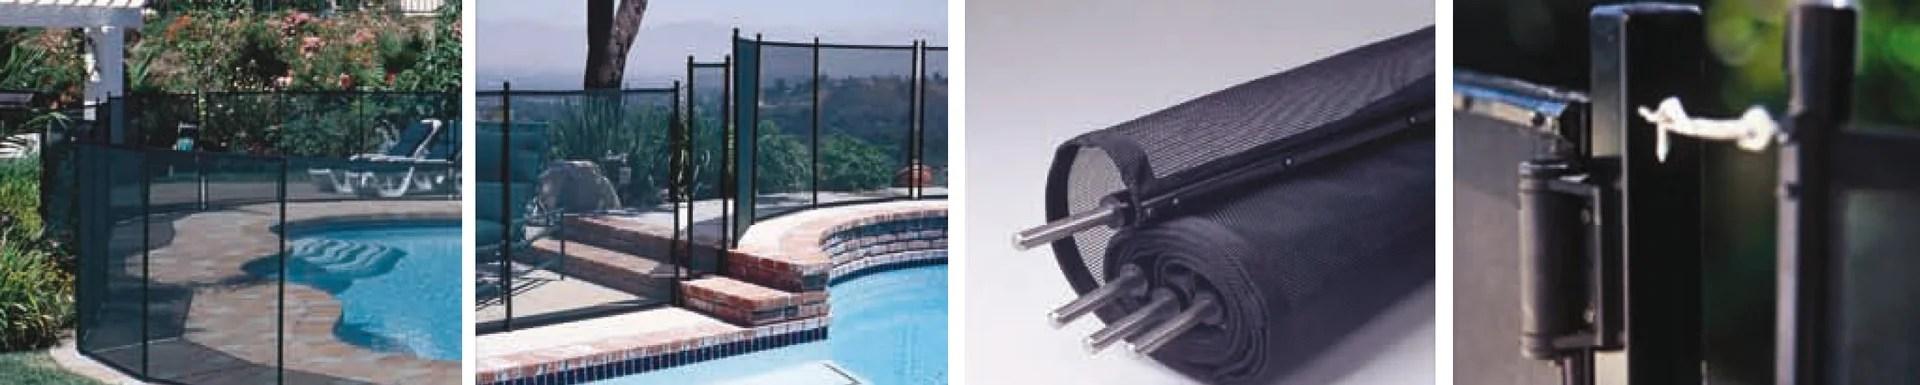 Barriere Pour Piscine Aluminium Transparent Noir H 1 28 X L 366 Cm Leroy Merlin